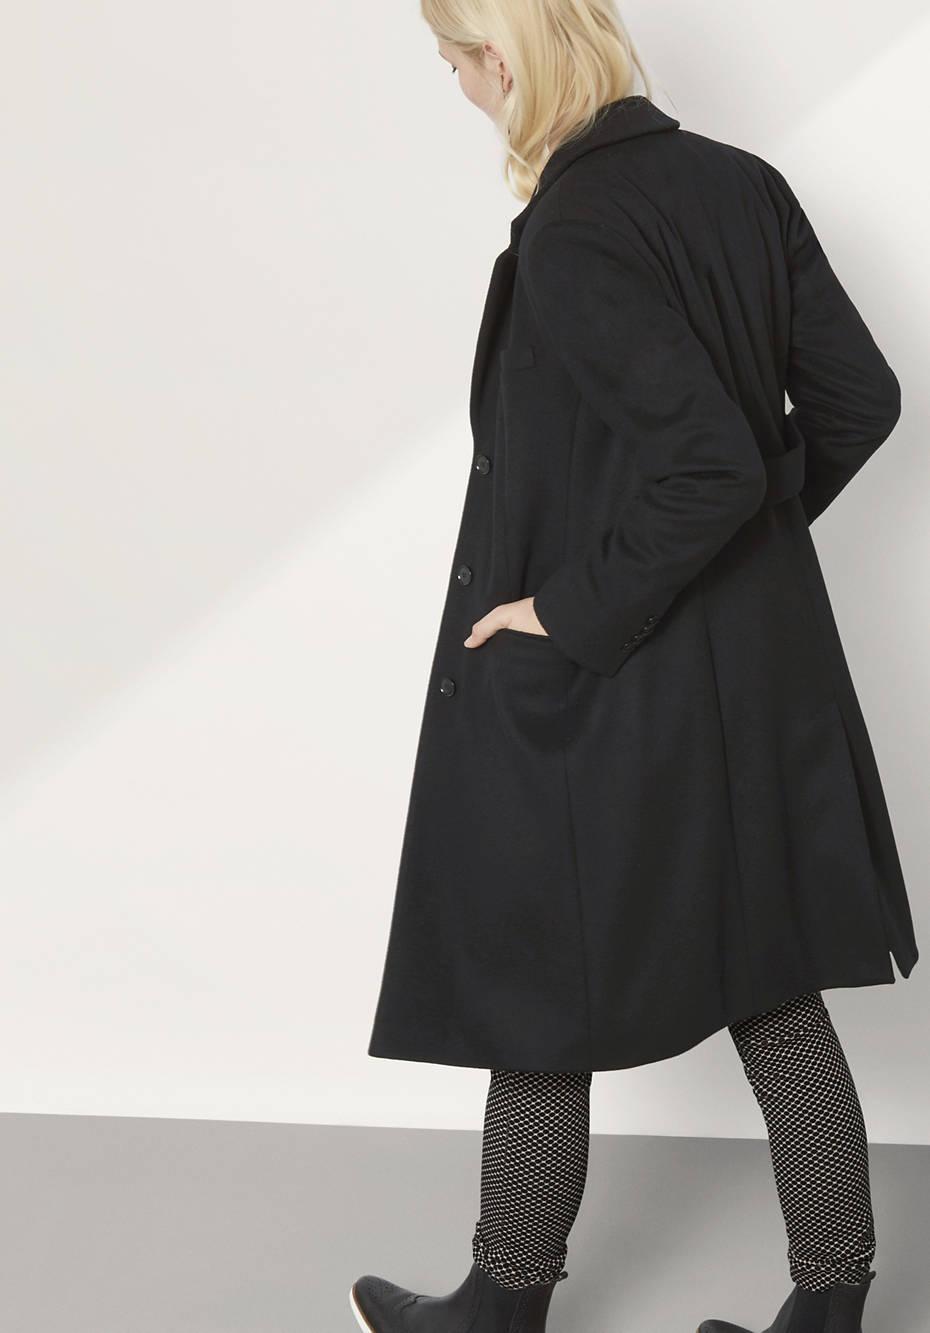 Mantel aus Merinowolle mit Kaschmir